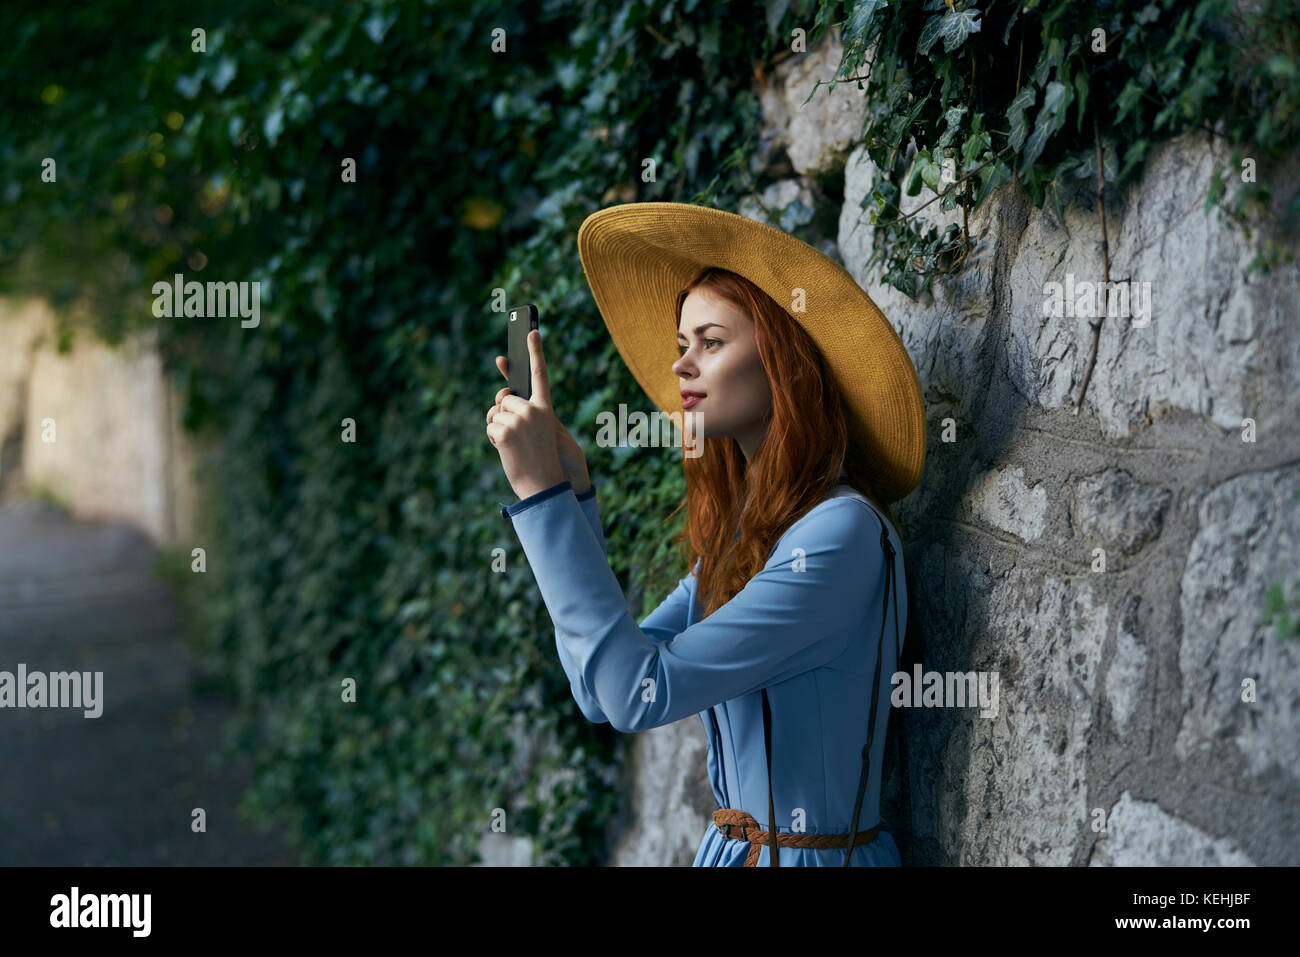 Kaukasische Frau fotografieren mit Handy in der Nähe von Stone Wall Stockbild